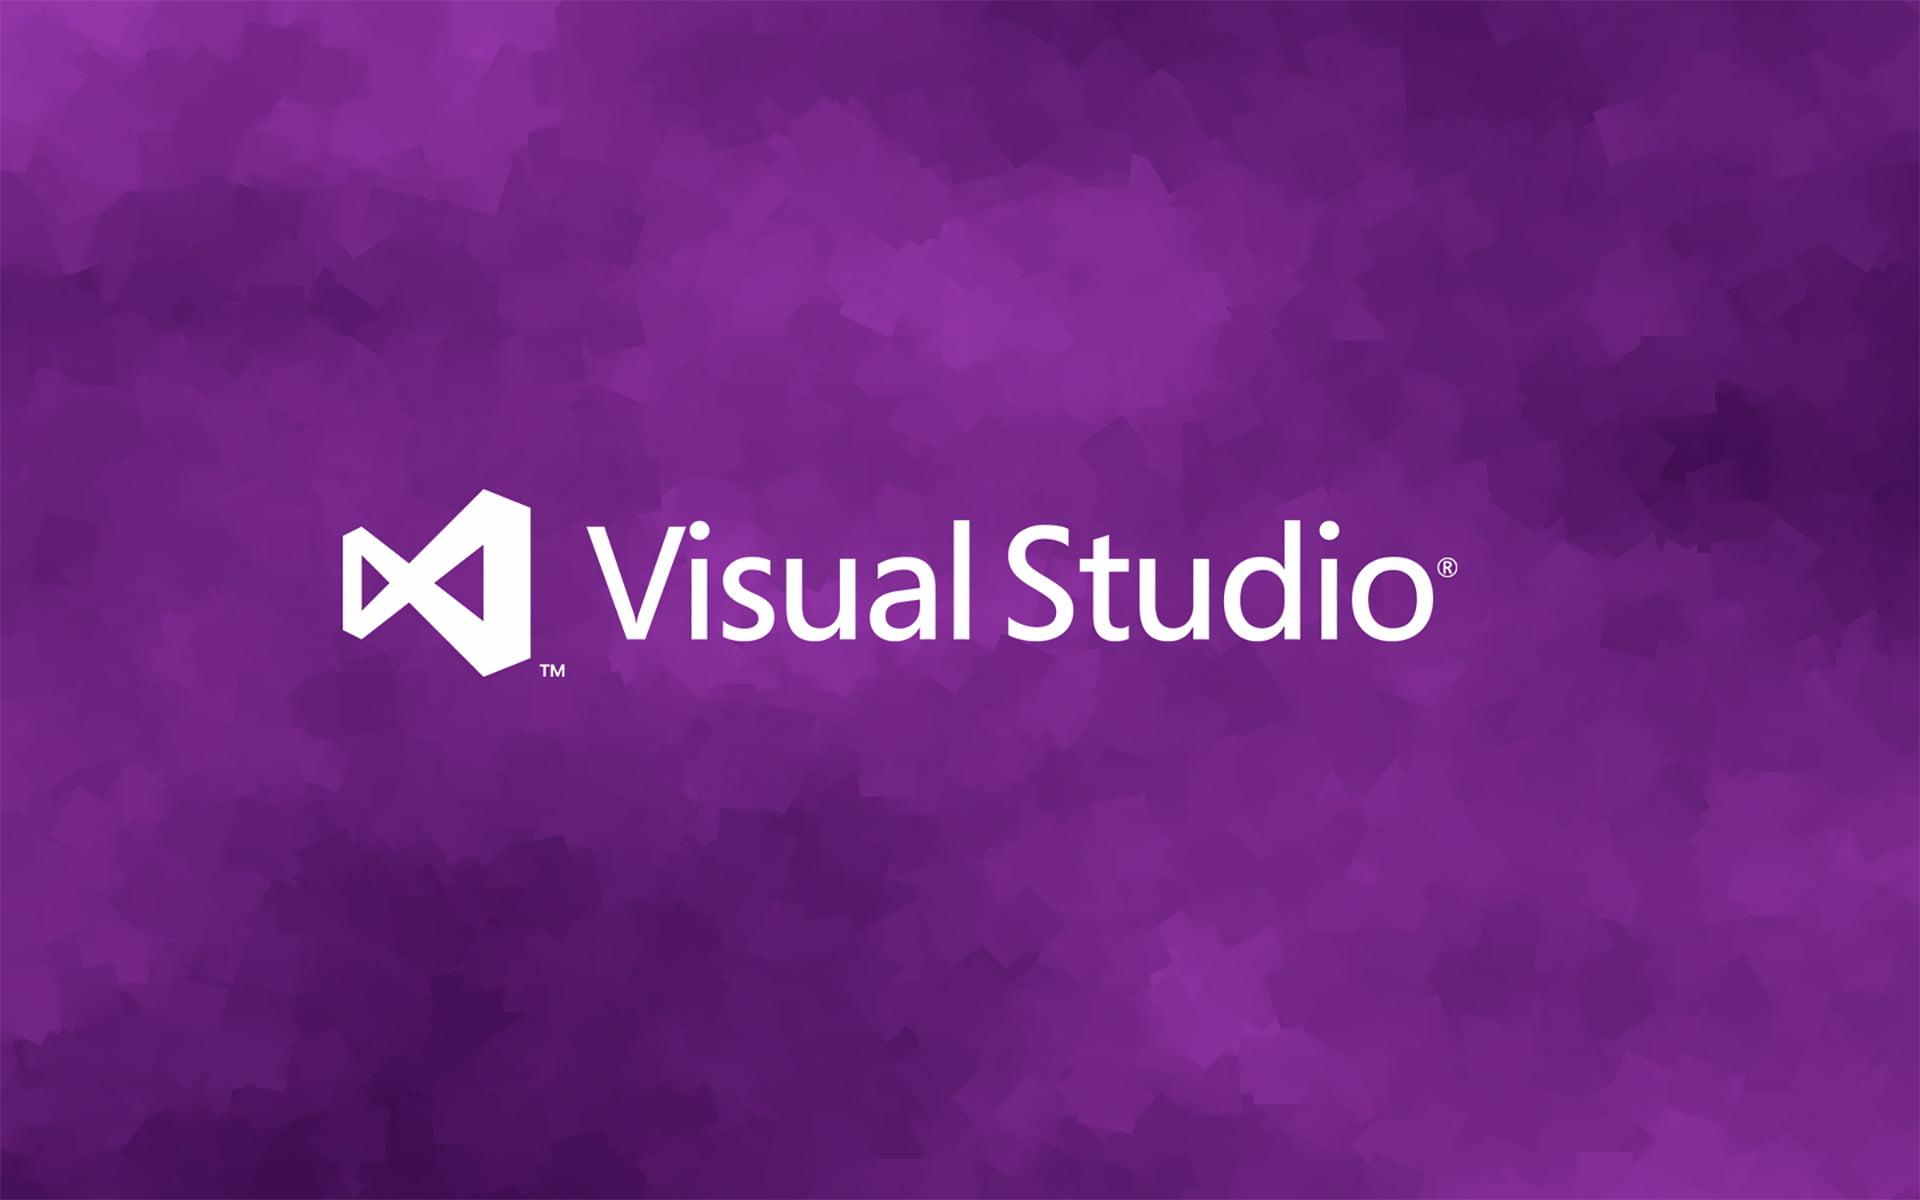 Visual Studio 2019 ya es oficial, descubre sus principales novedades